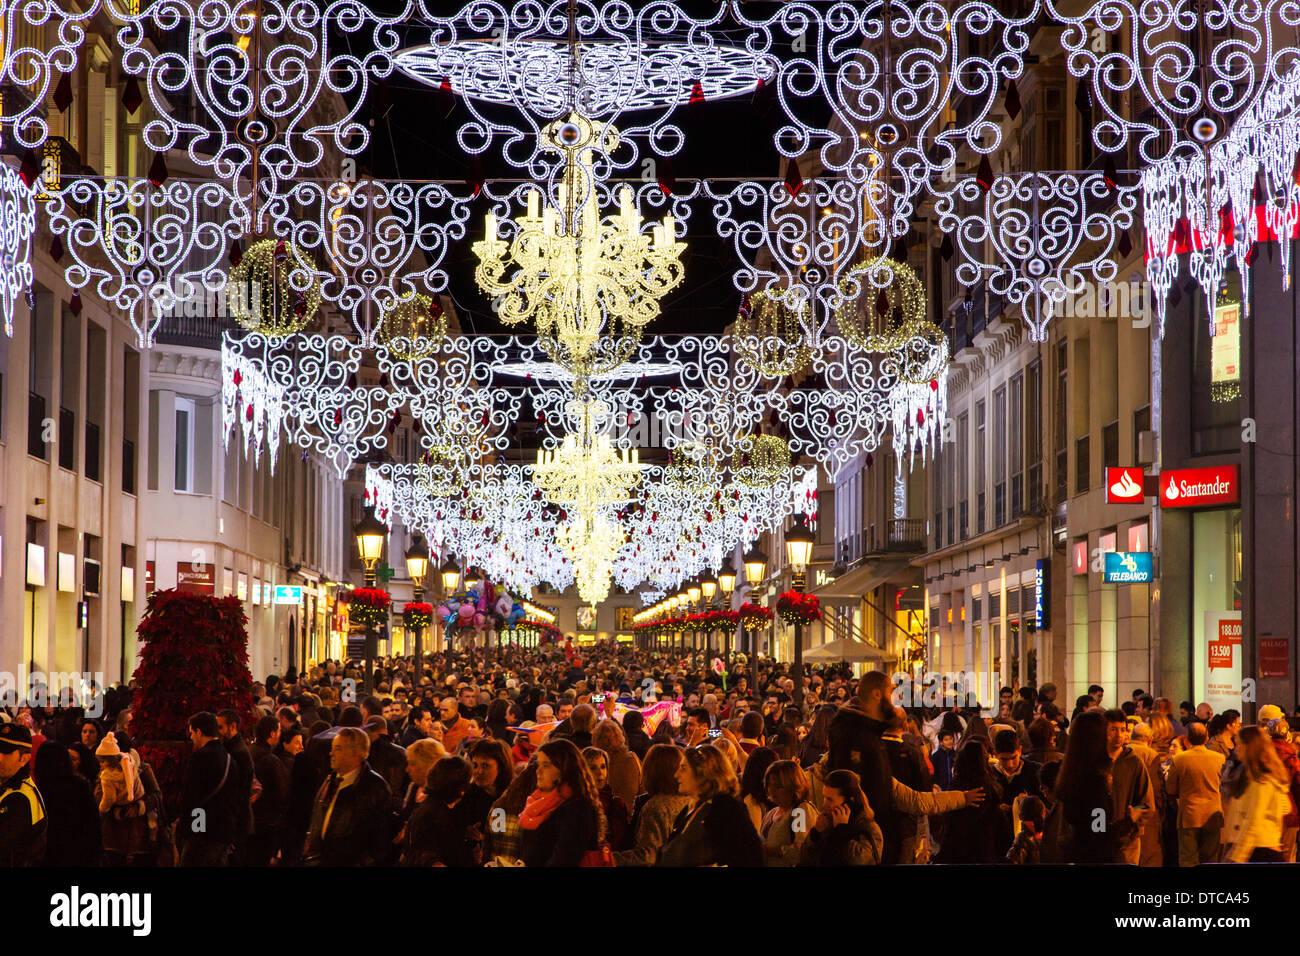 Spanien Weihnachten lichter und weihnachten dekoration malaga costa del sol andalusia